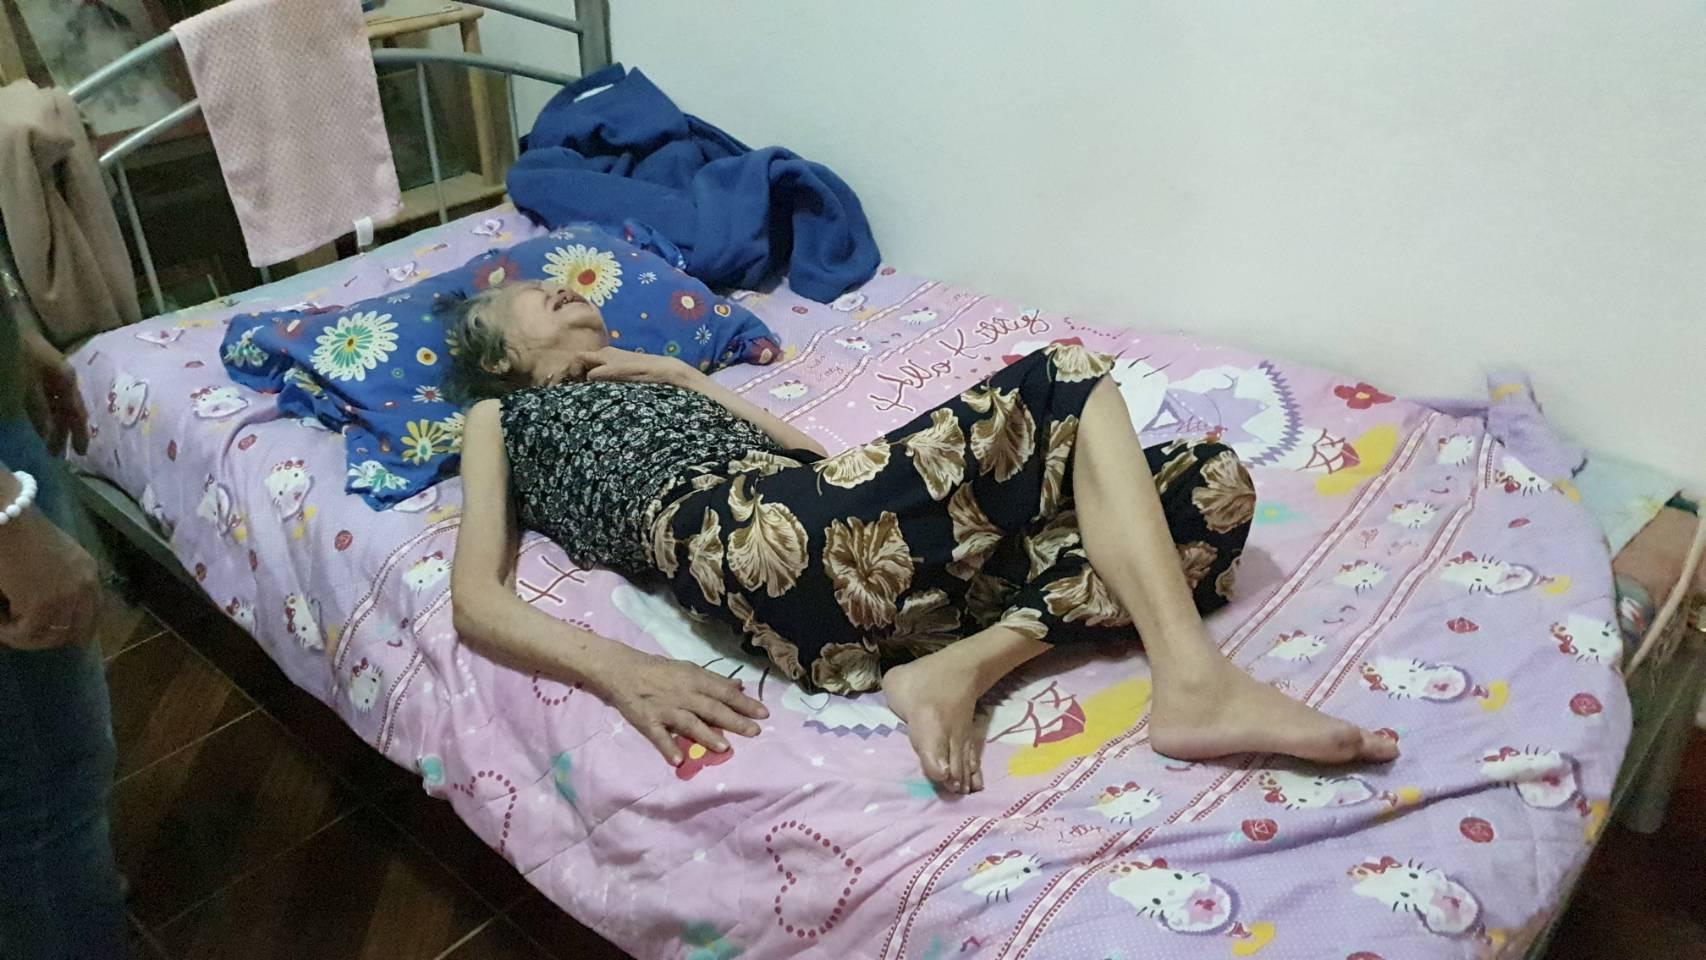 สุดรันทด!!! เจอพิษโควิด-19 ลามไปถึงยายวัย 71 ปี นอนติดเตียงขาดเเพมเพิสและอาหาร